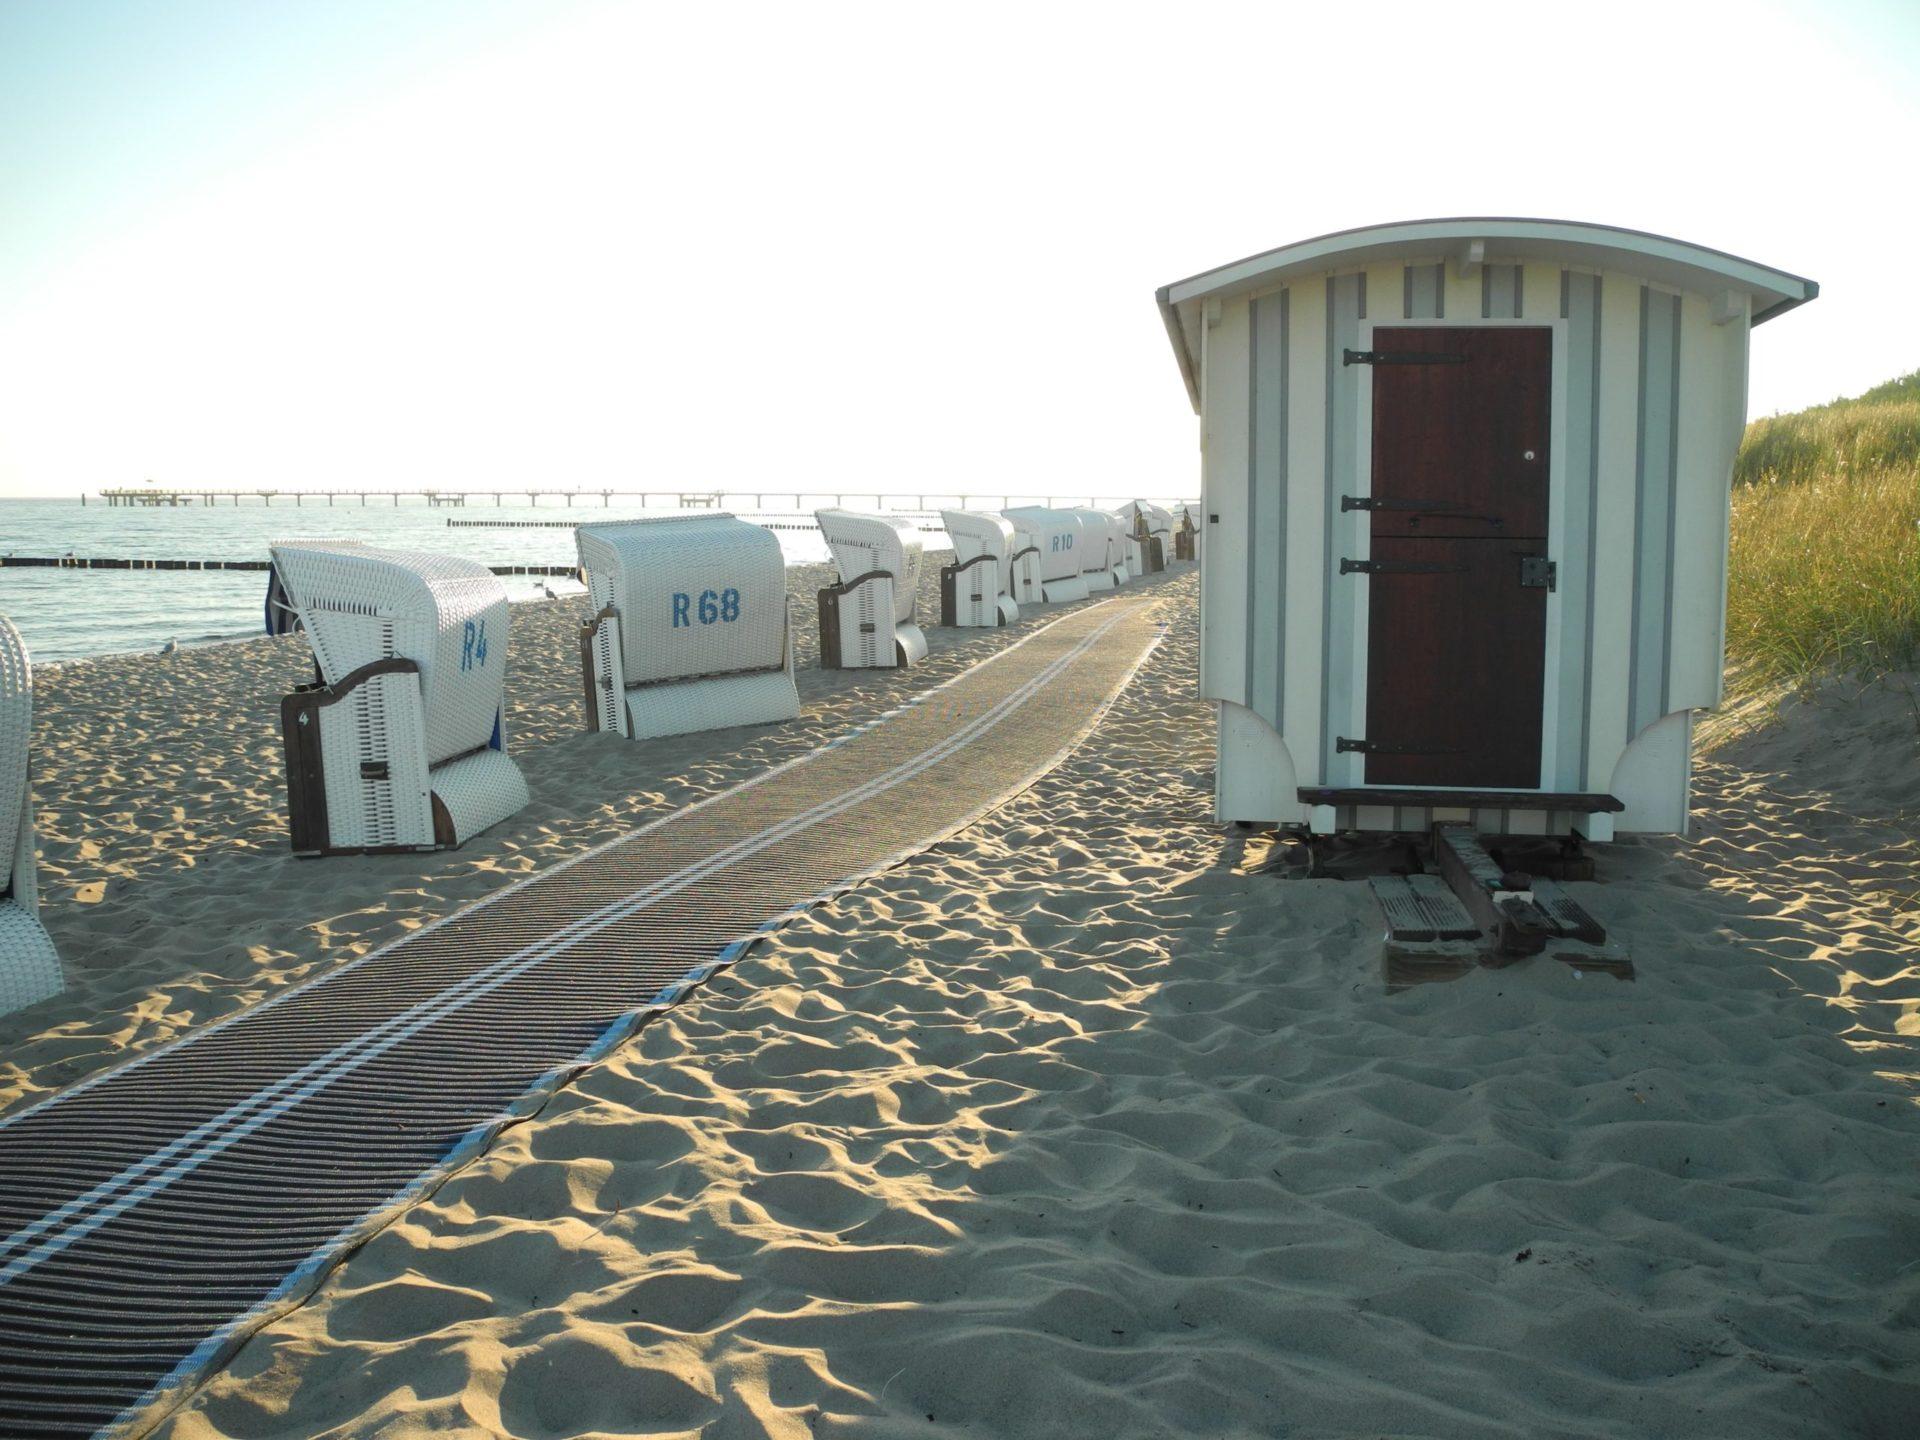 Wassertemperatur Graal-Müritz: Strandkörbe am Badestrand Graal-Müritz mit Seebrücke